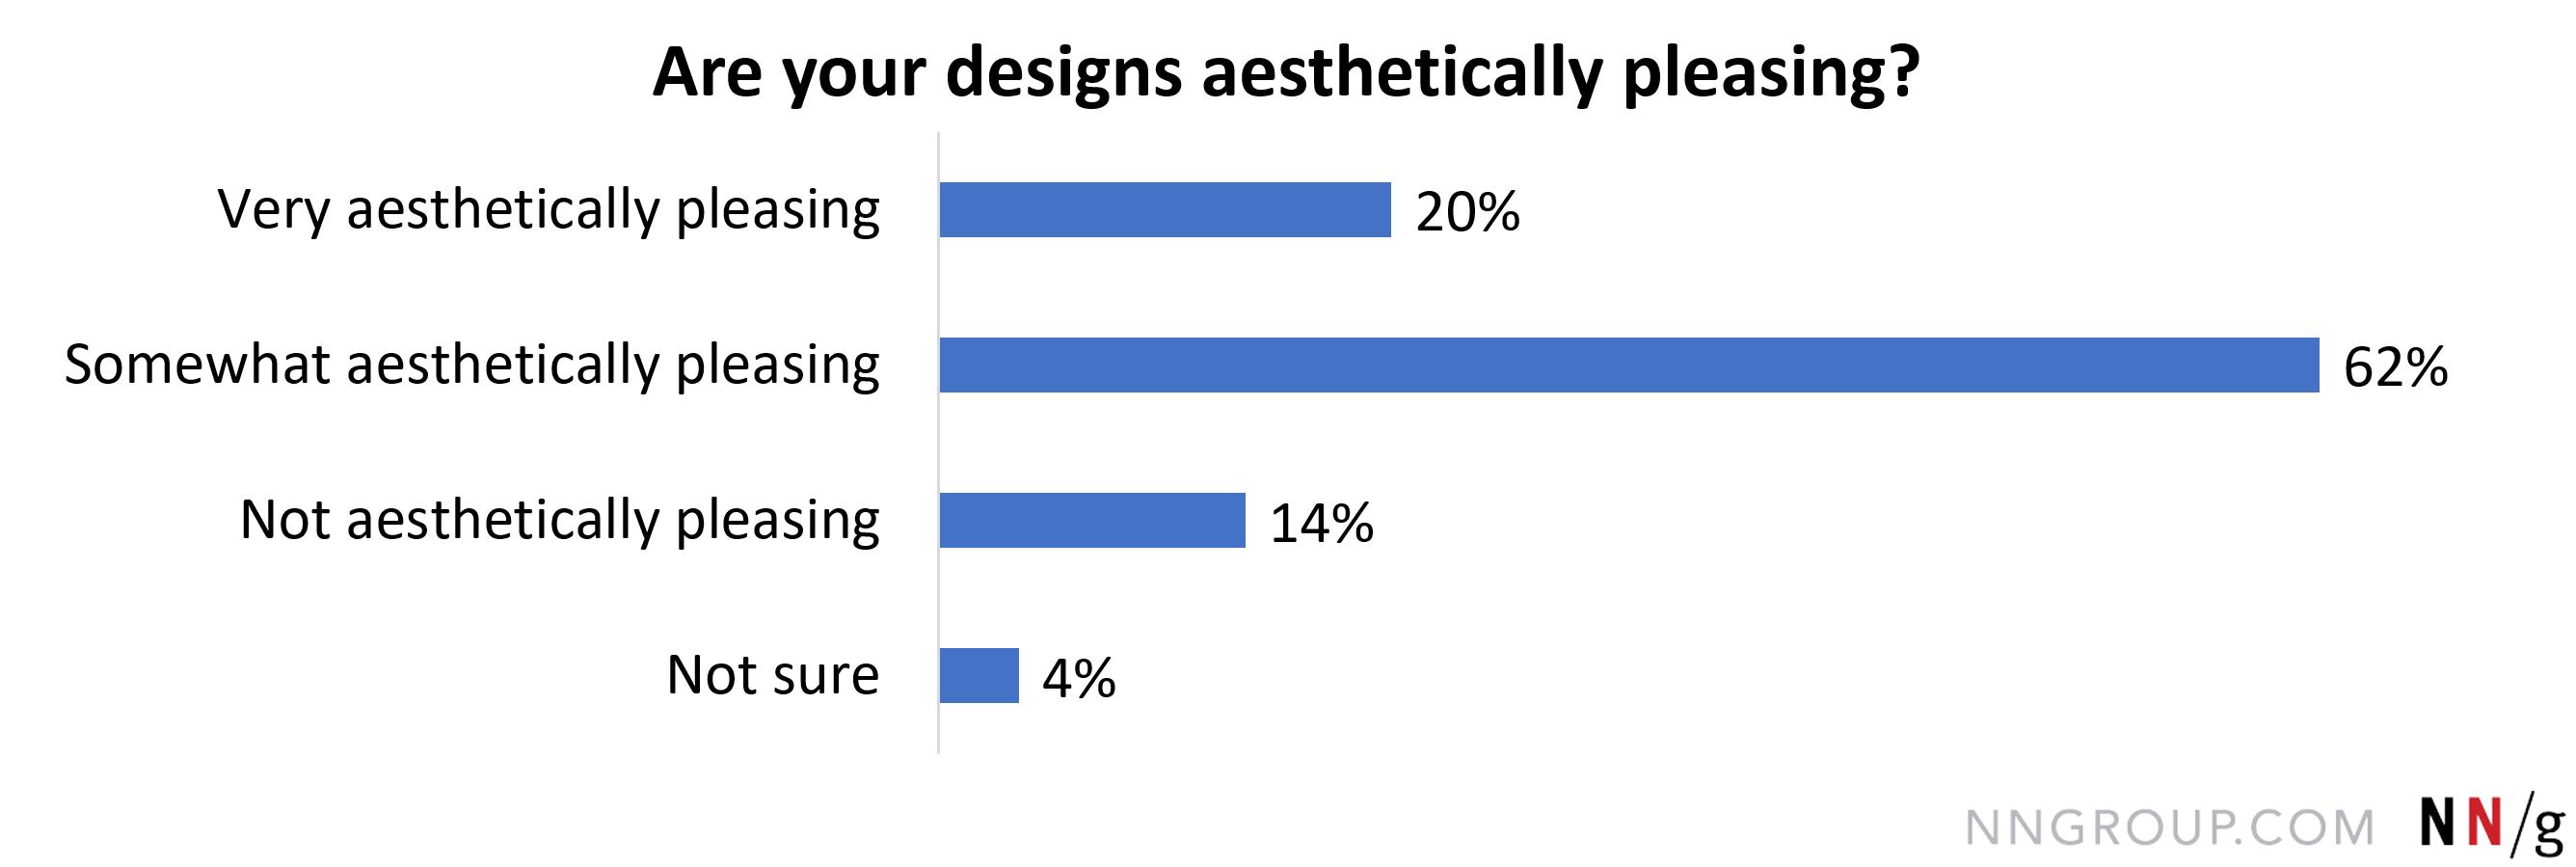 造型美观,62年。2%;很美观,20。4%;不美观,13。8%;不确定,3.6%。。